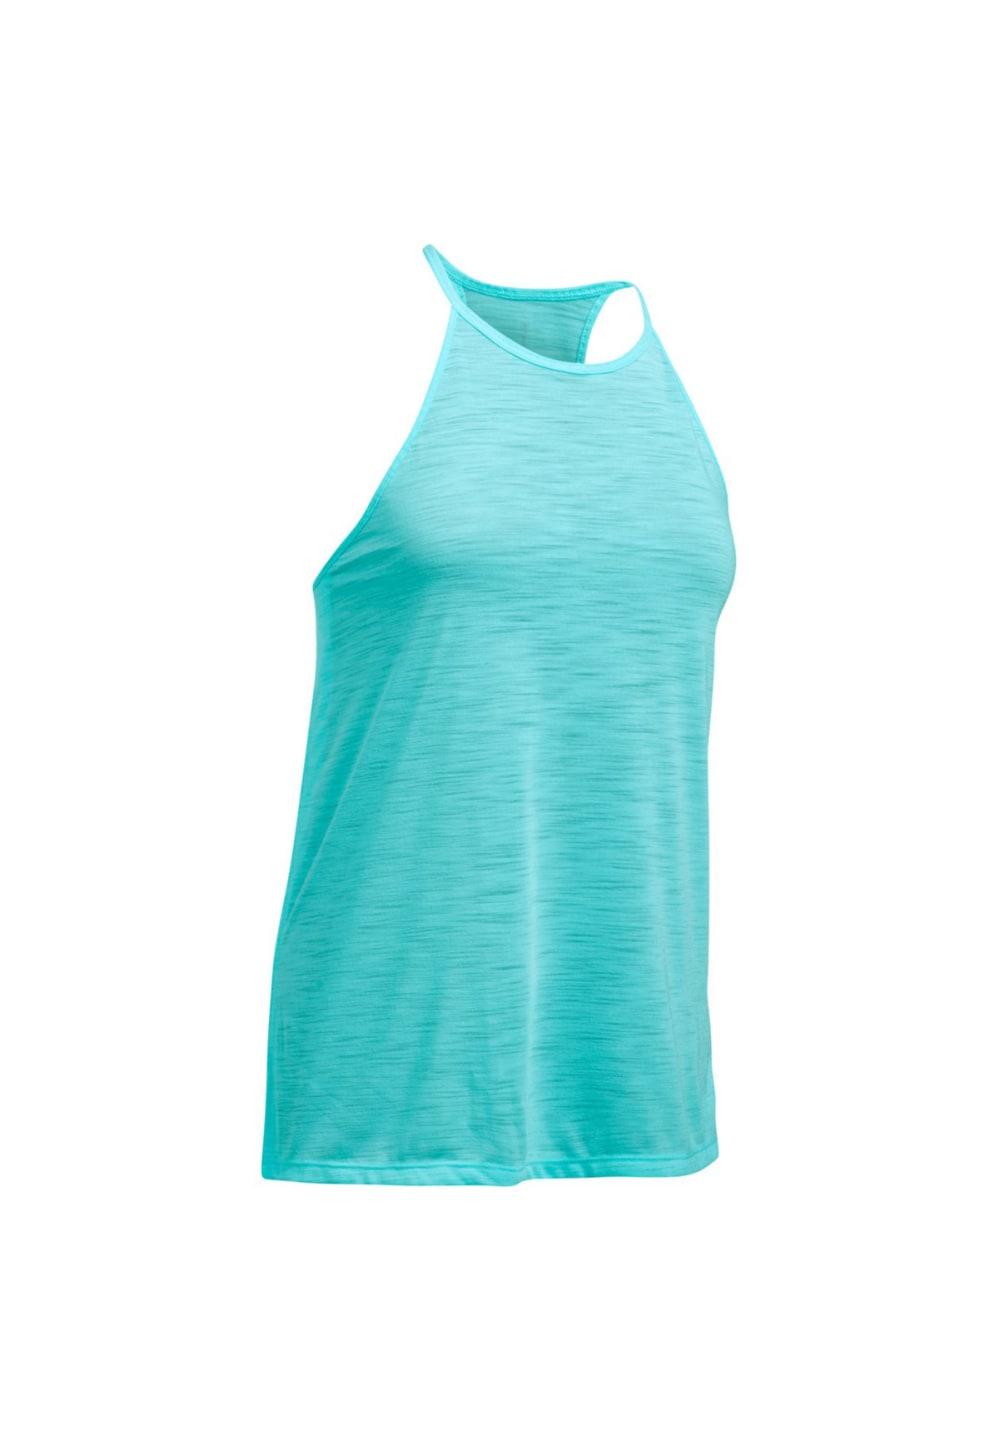 Under Armour Threadborne Fashion Tank - Fitnessshirts für Damen - Blau, Gr. M